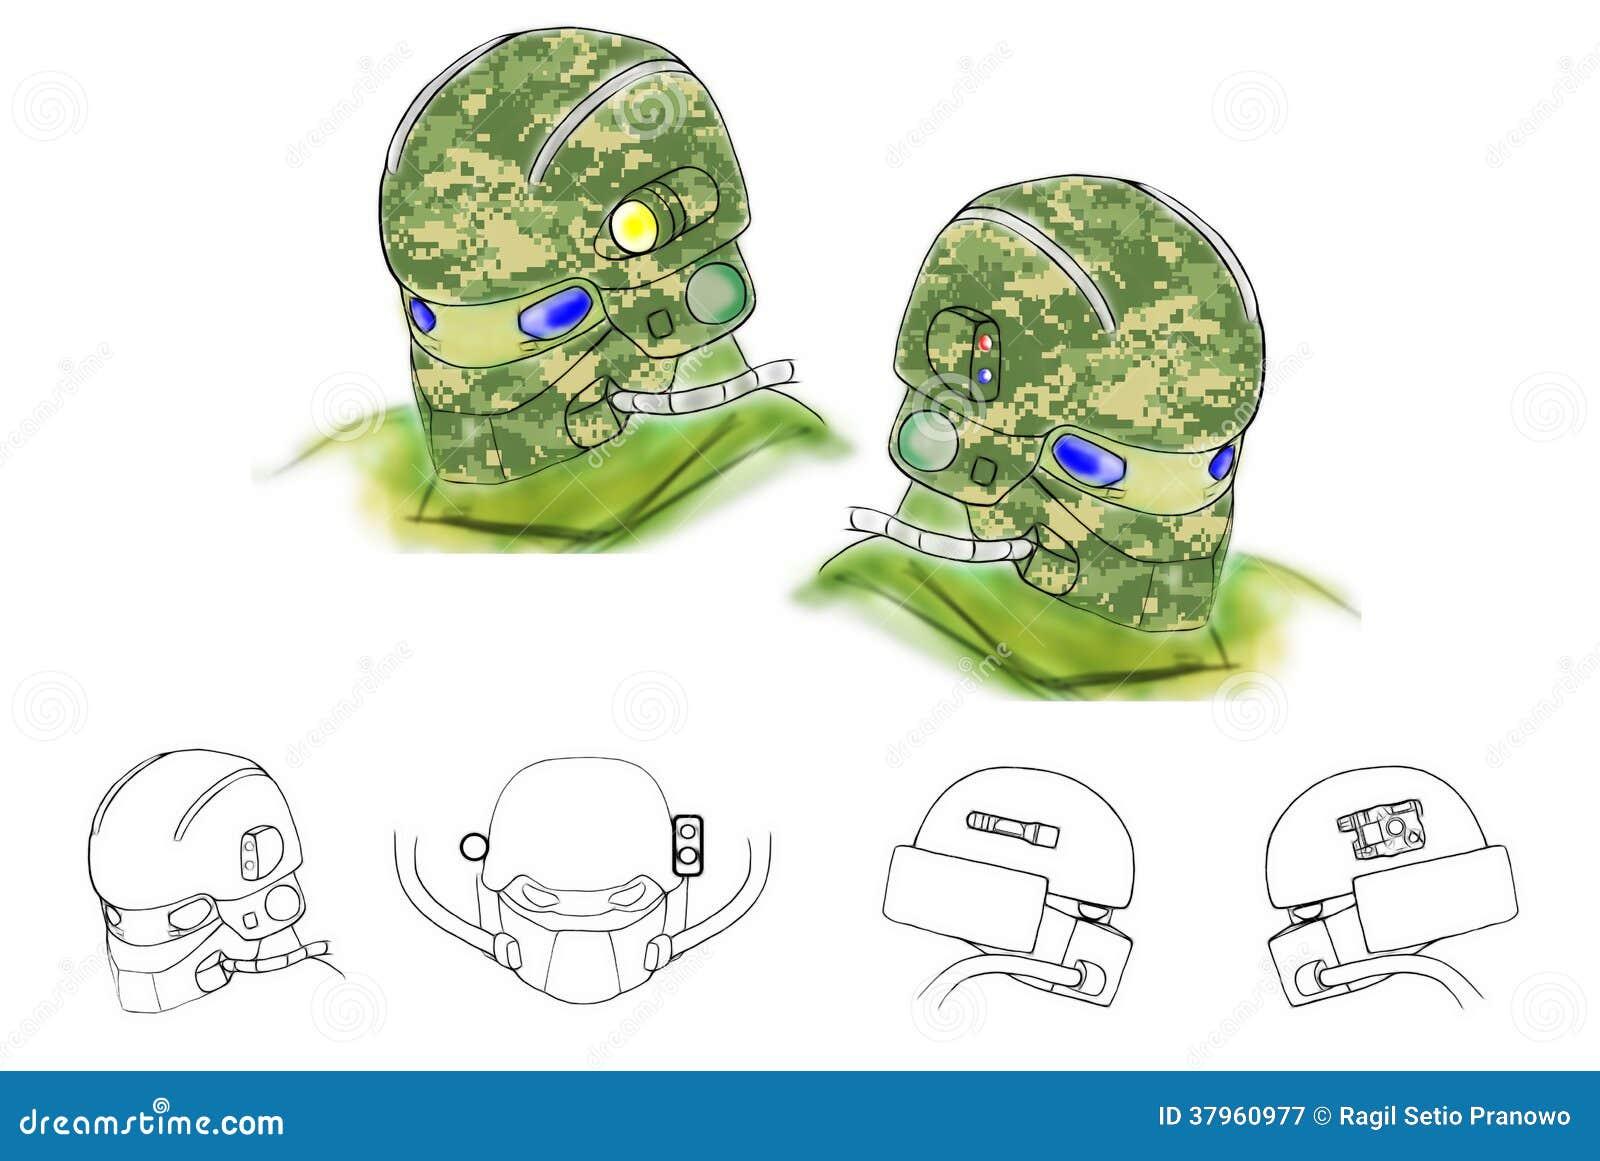 Illustration des zukünftigen begrifflichsturzhelms